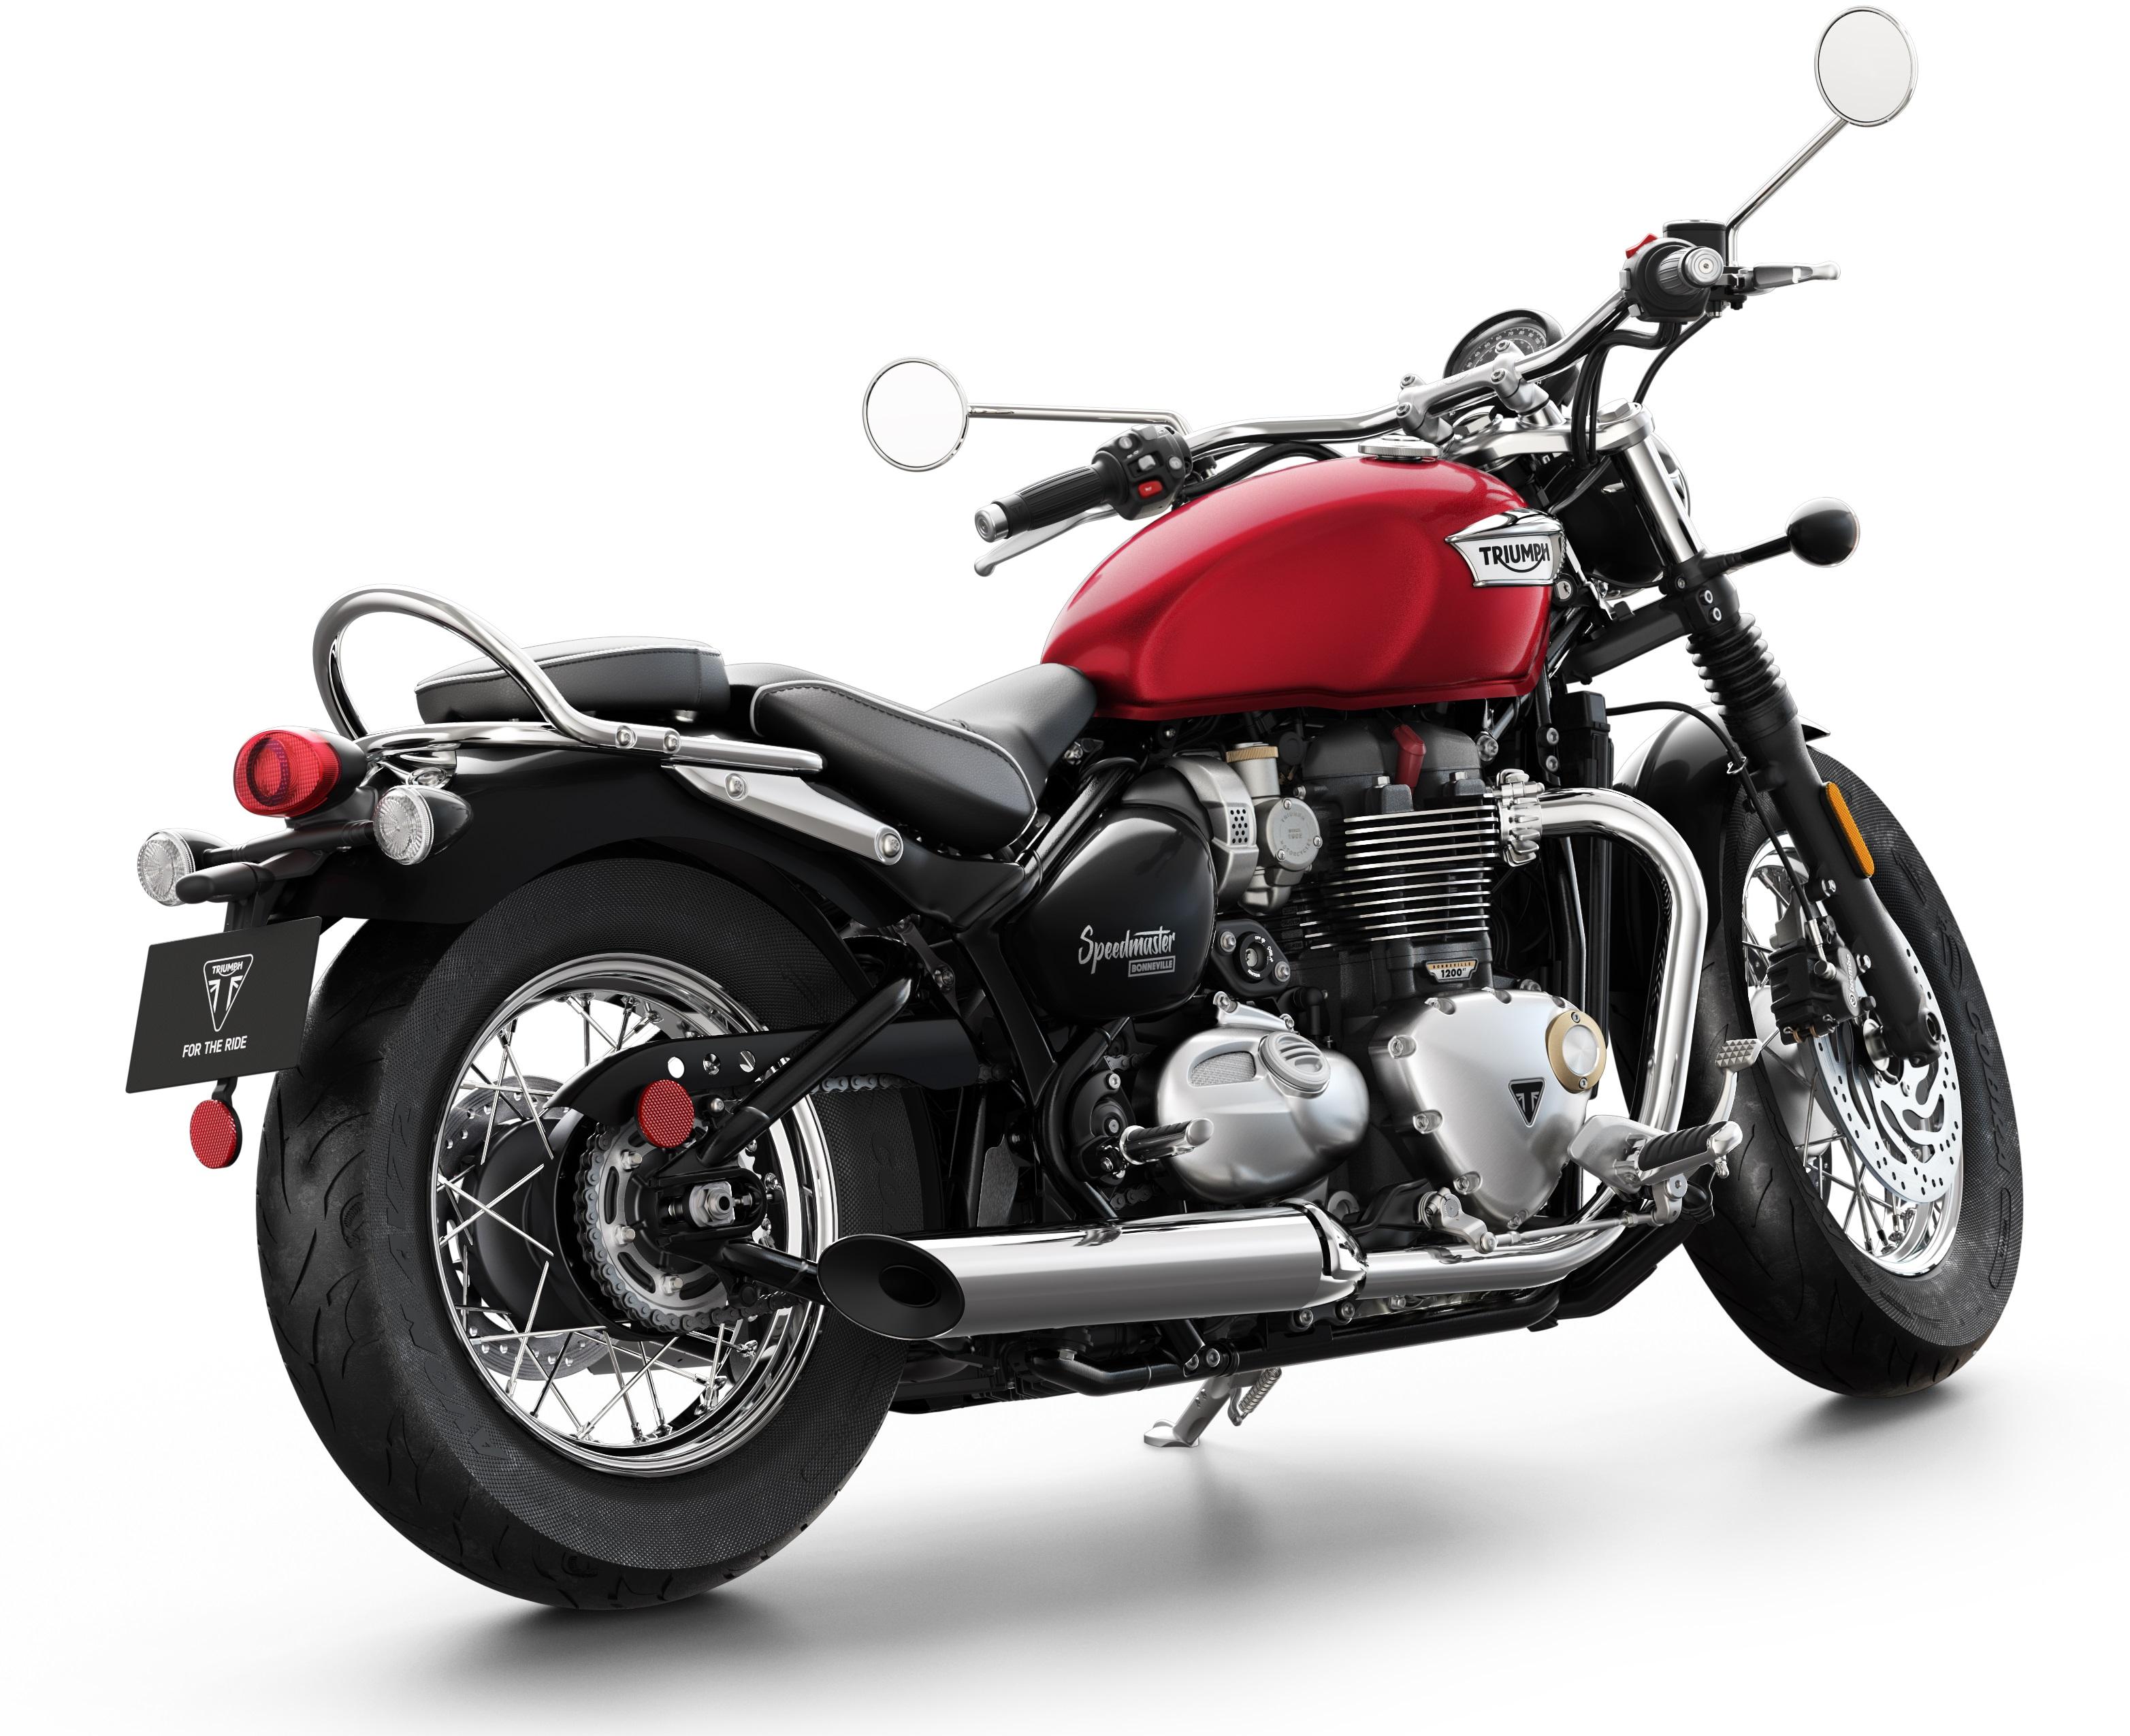 For Sale Triumph Speedmaster The Bike Market